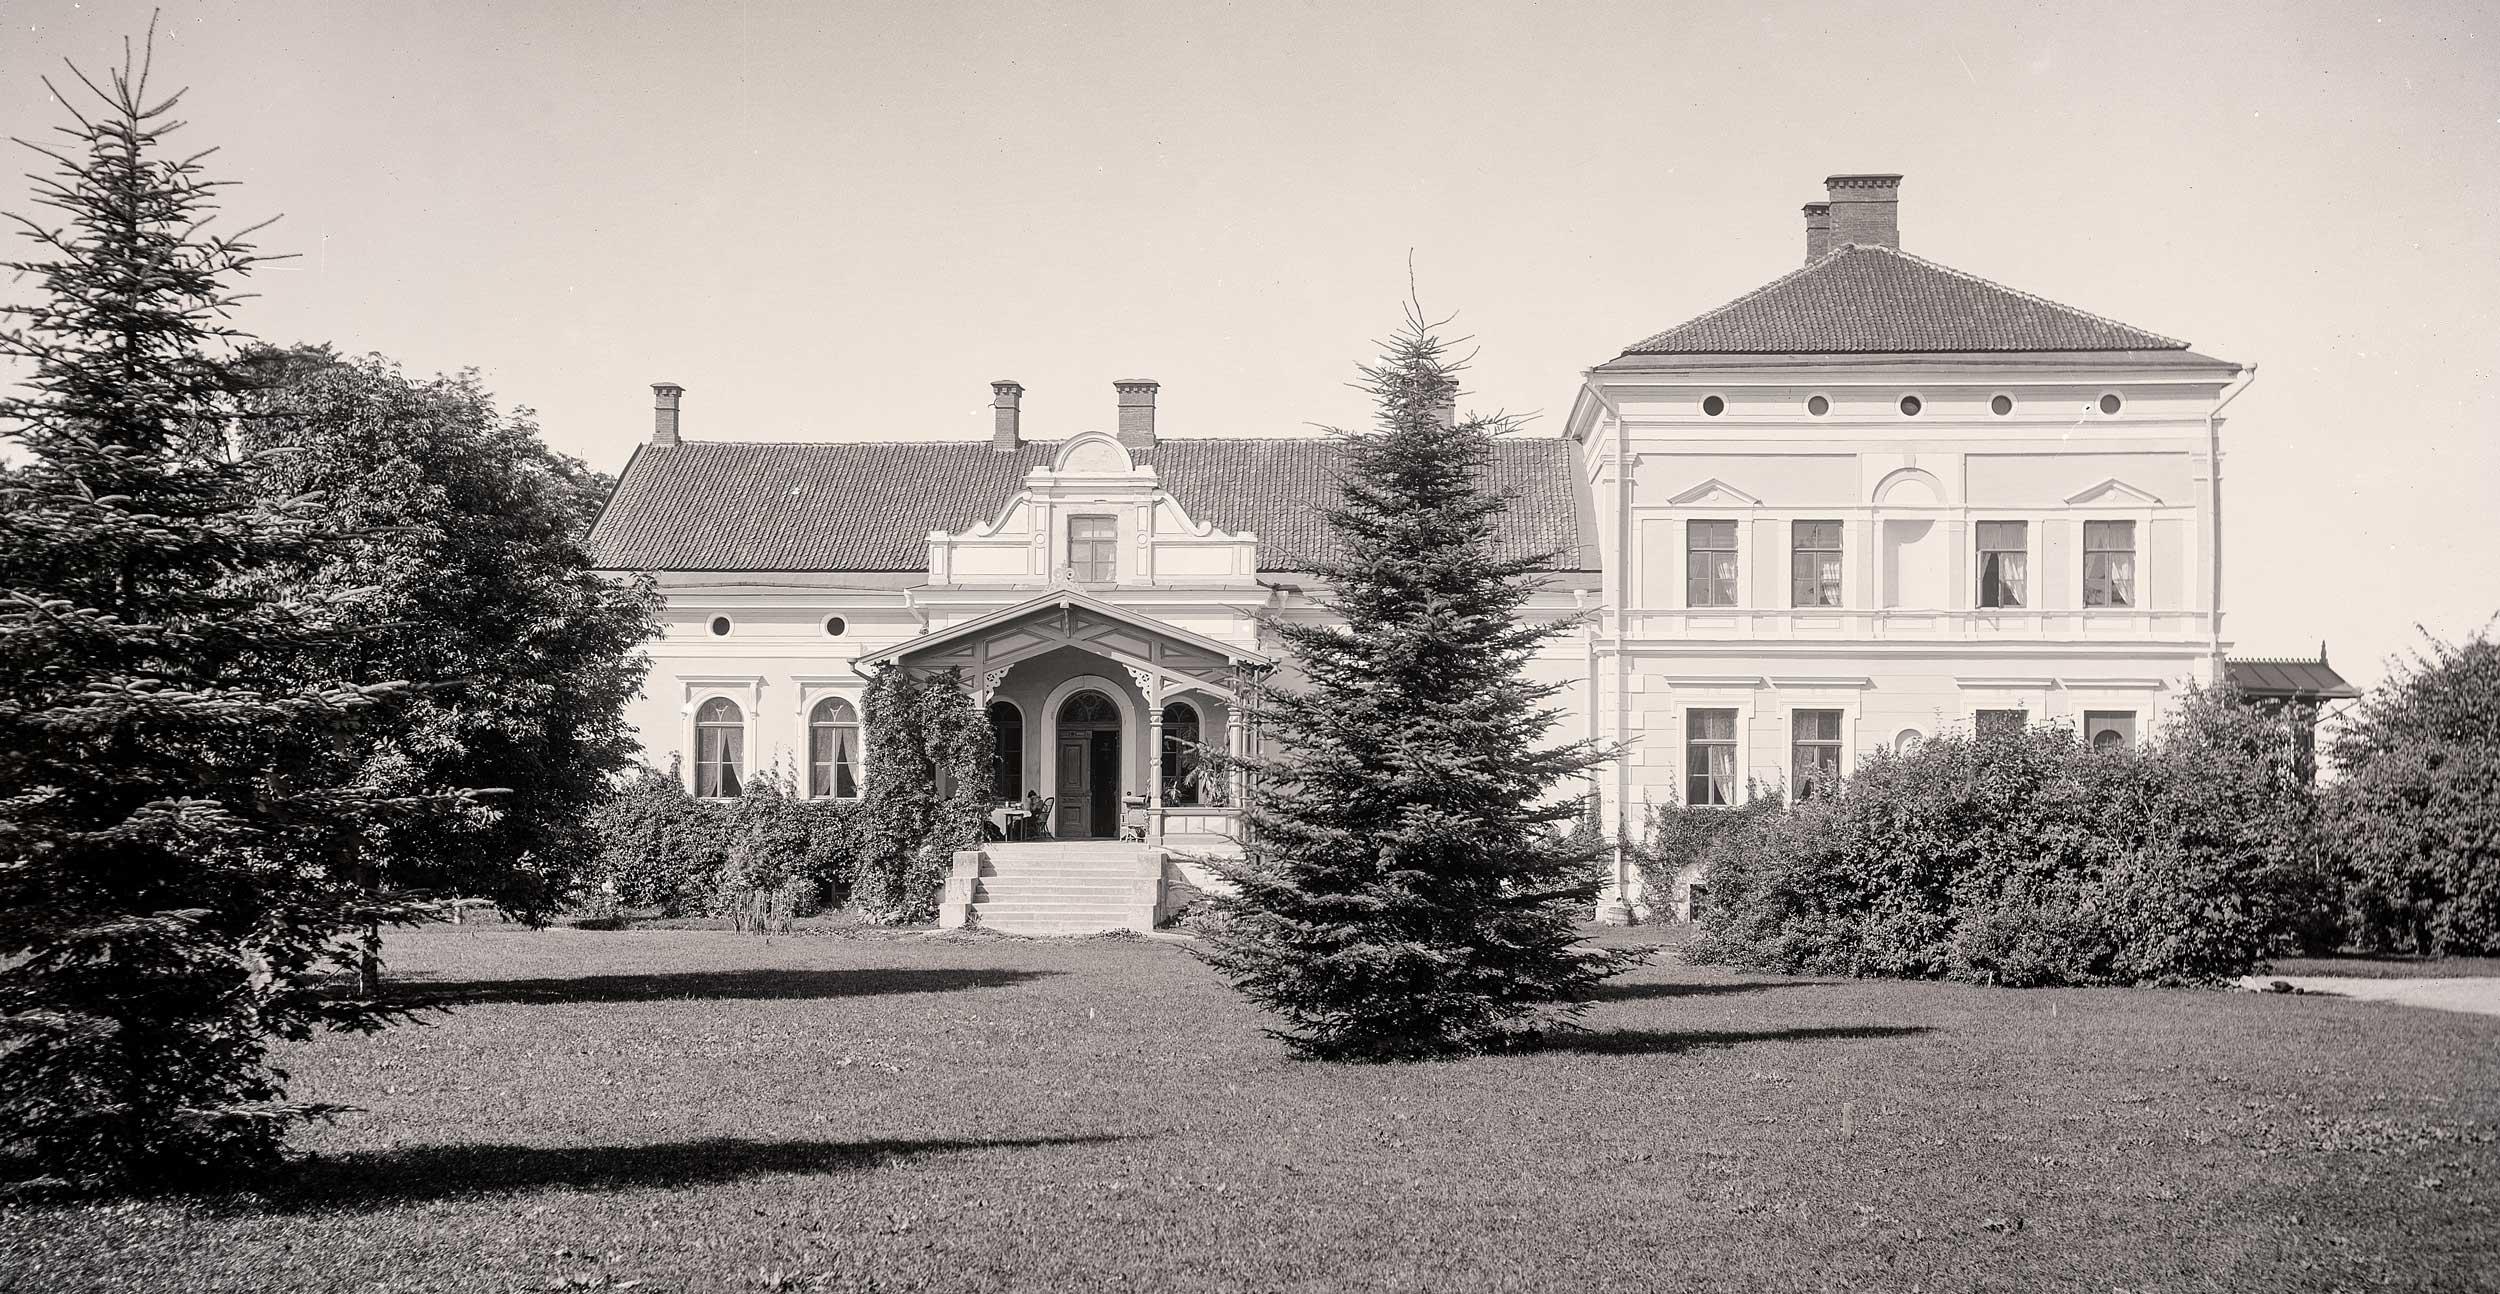 Viljandi mõisa kuni aastani 1907 juhtinud parun Oswald von Ungern-Sternberg hoolitses selle eest, et kauni lossi ümber oleks küllaldaselt rohelust